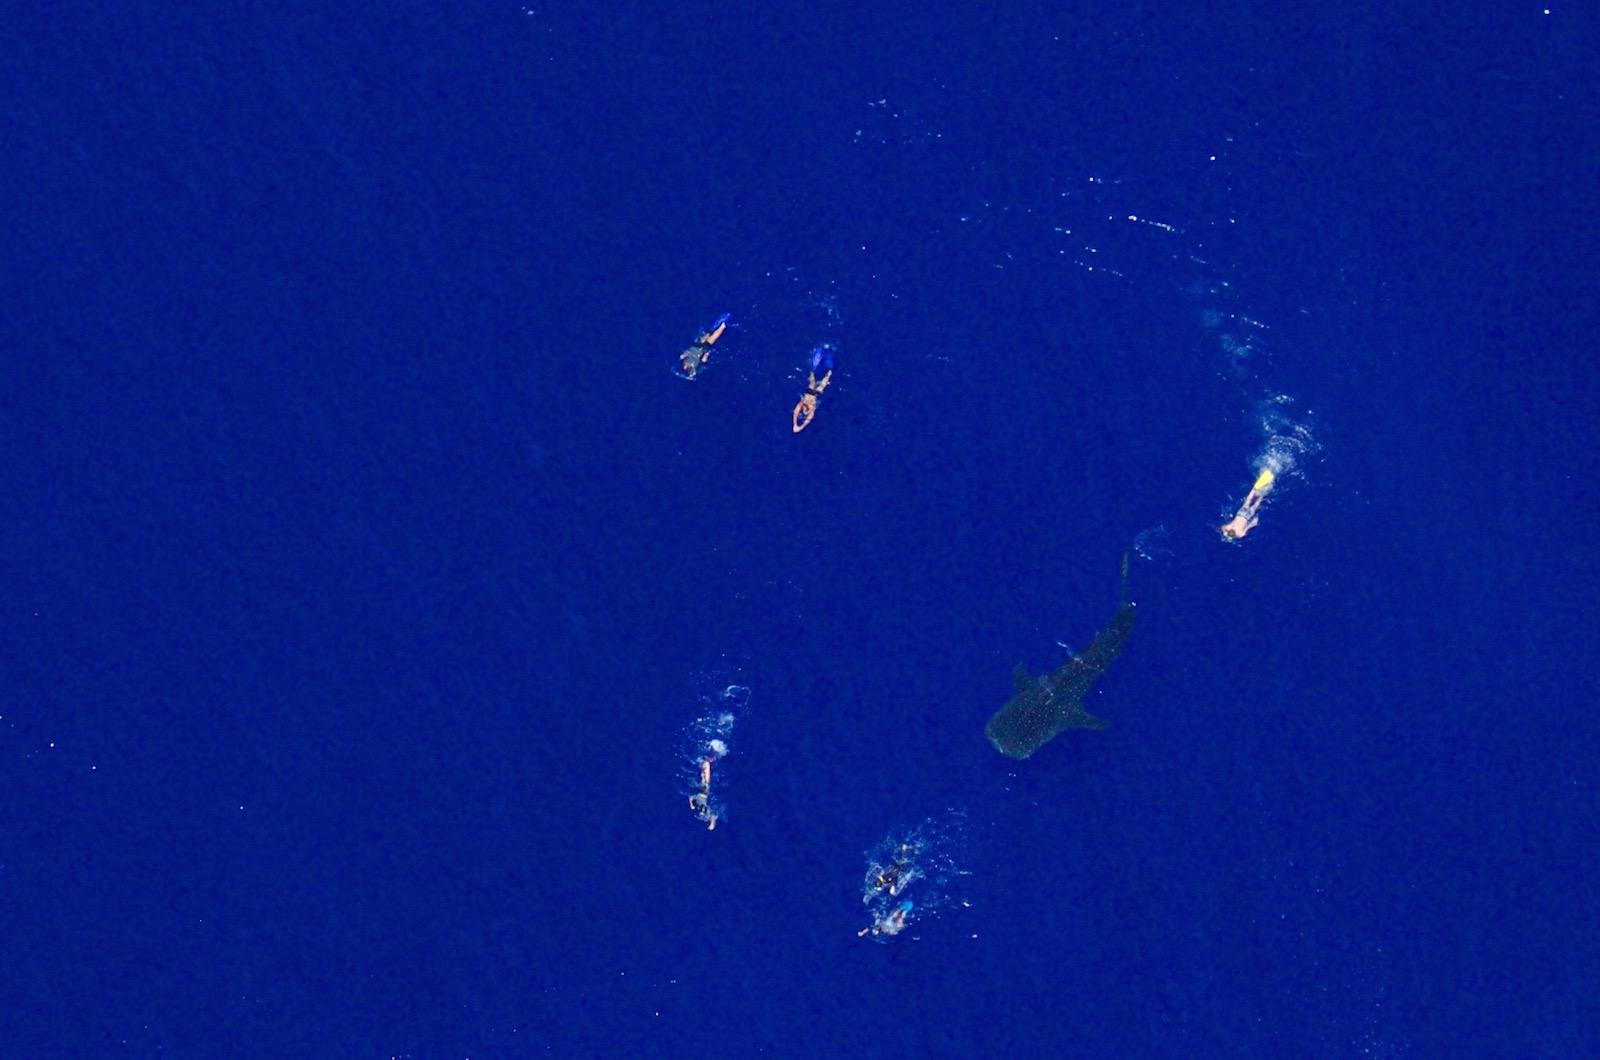 requin baleine avec des nageurs vue du ciel école ulm Fly Réunion